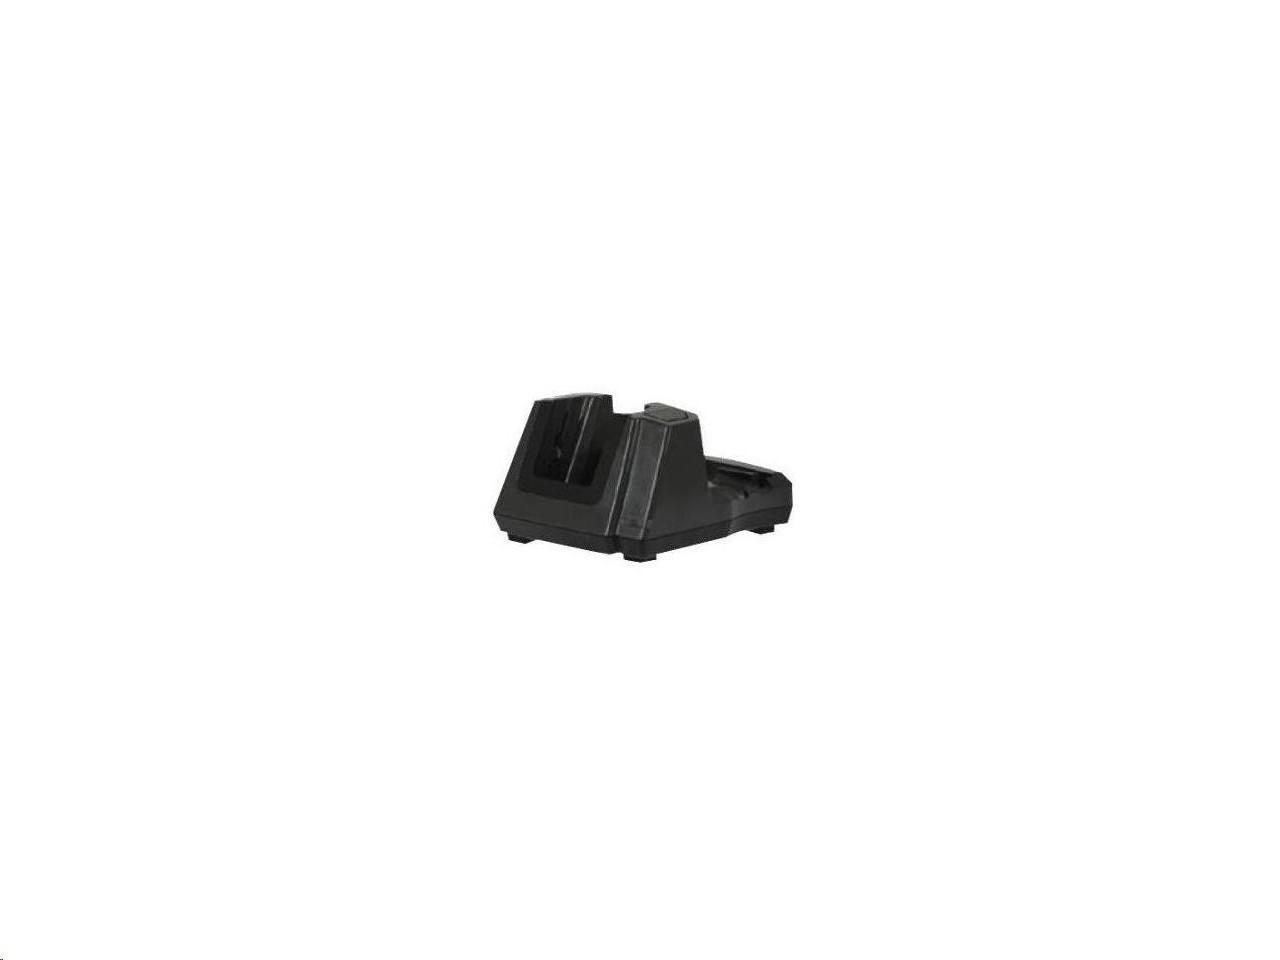 Zebra Single Slot Cradle For Zebra Omnii XT15 Scanners ST4003-WW